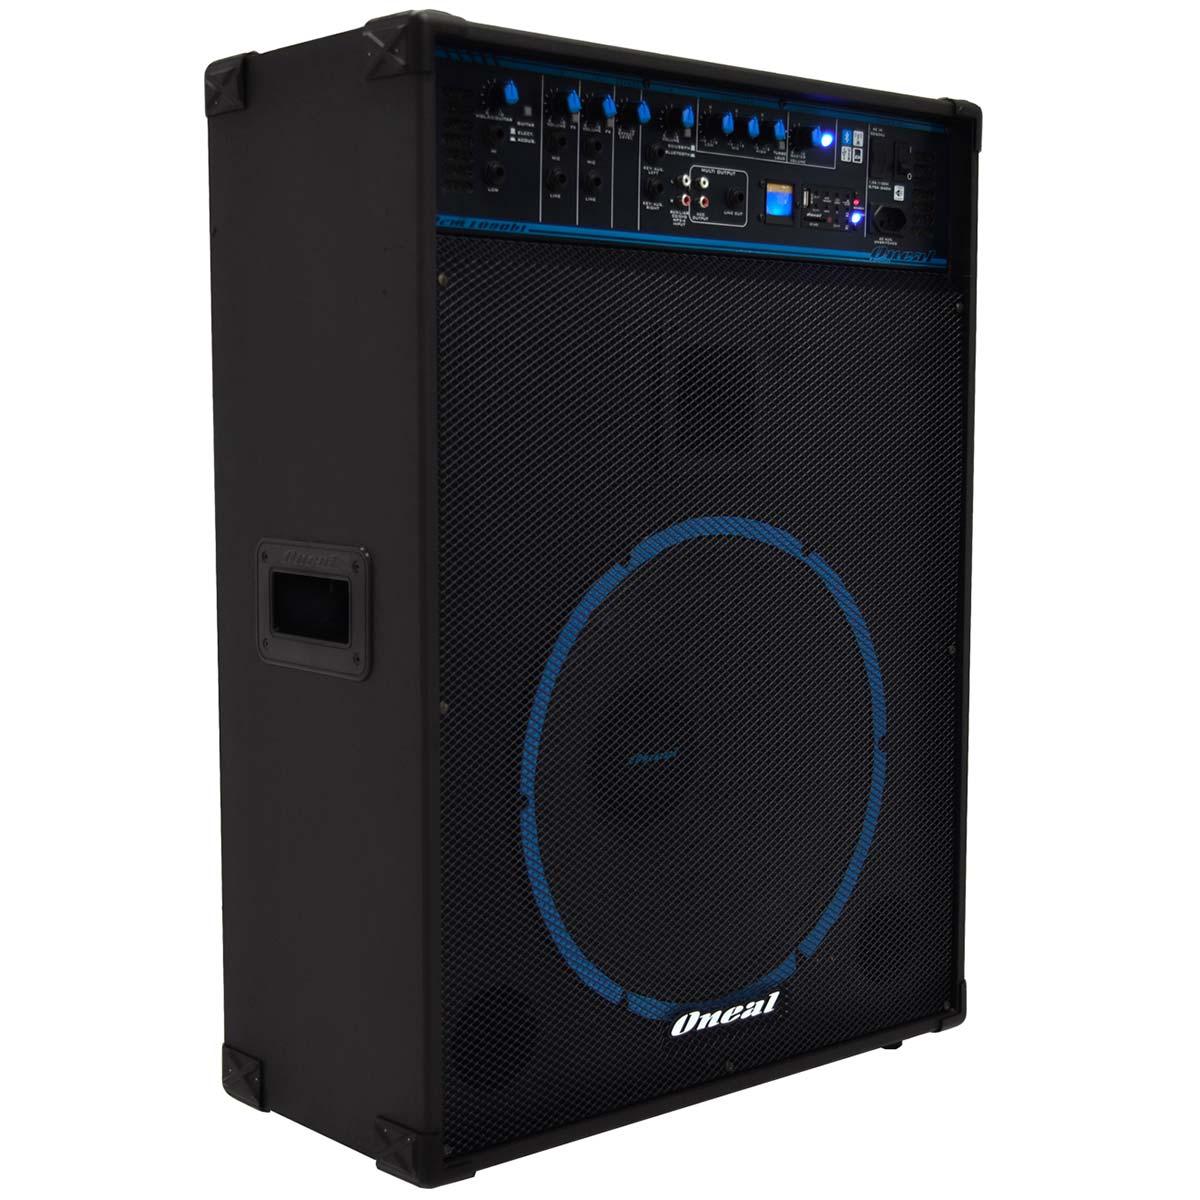 OCM1090BT - Cubo Multiuso Ativo 150W c/ Bluetooth e USB OCM 1090 BT - Oneal